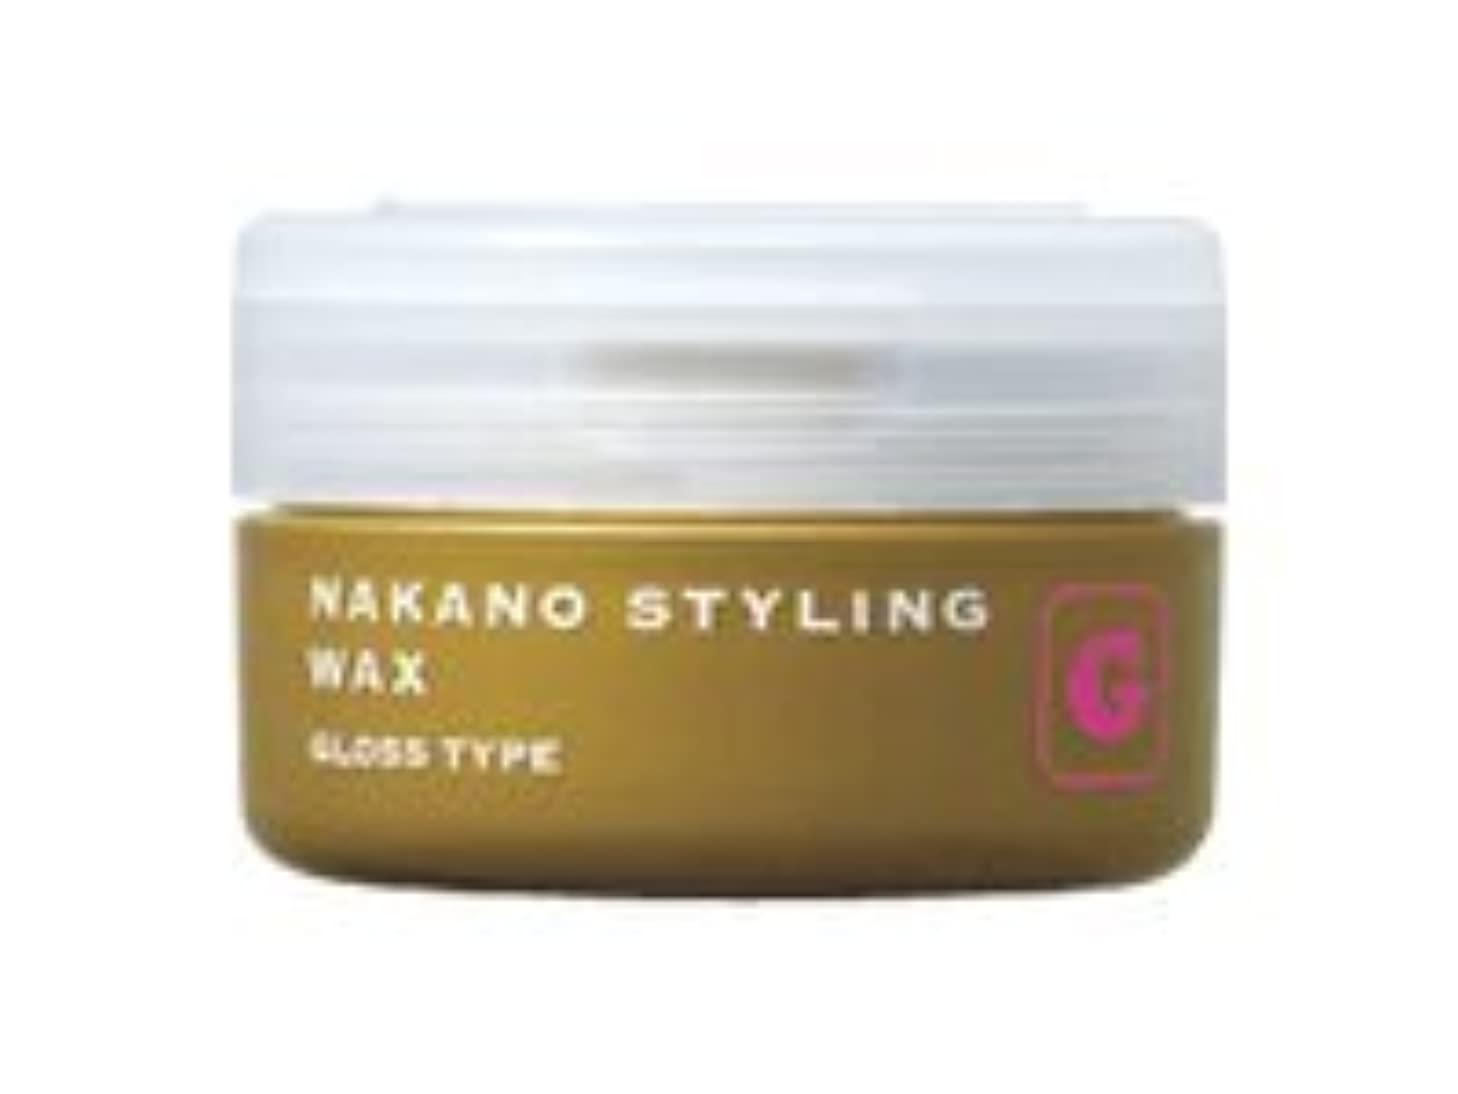 ビリー卑しい後方ナカノ スタイリングワックス G グロスタイプ 90g 中野製薬 NAKANO